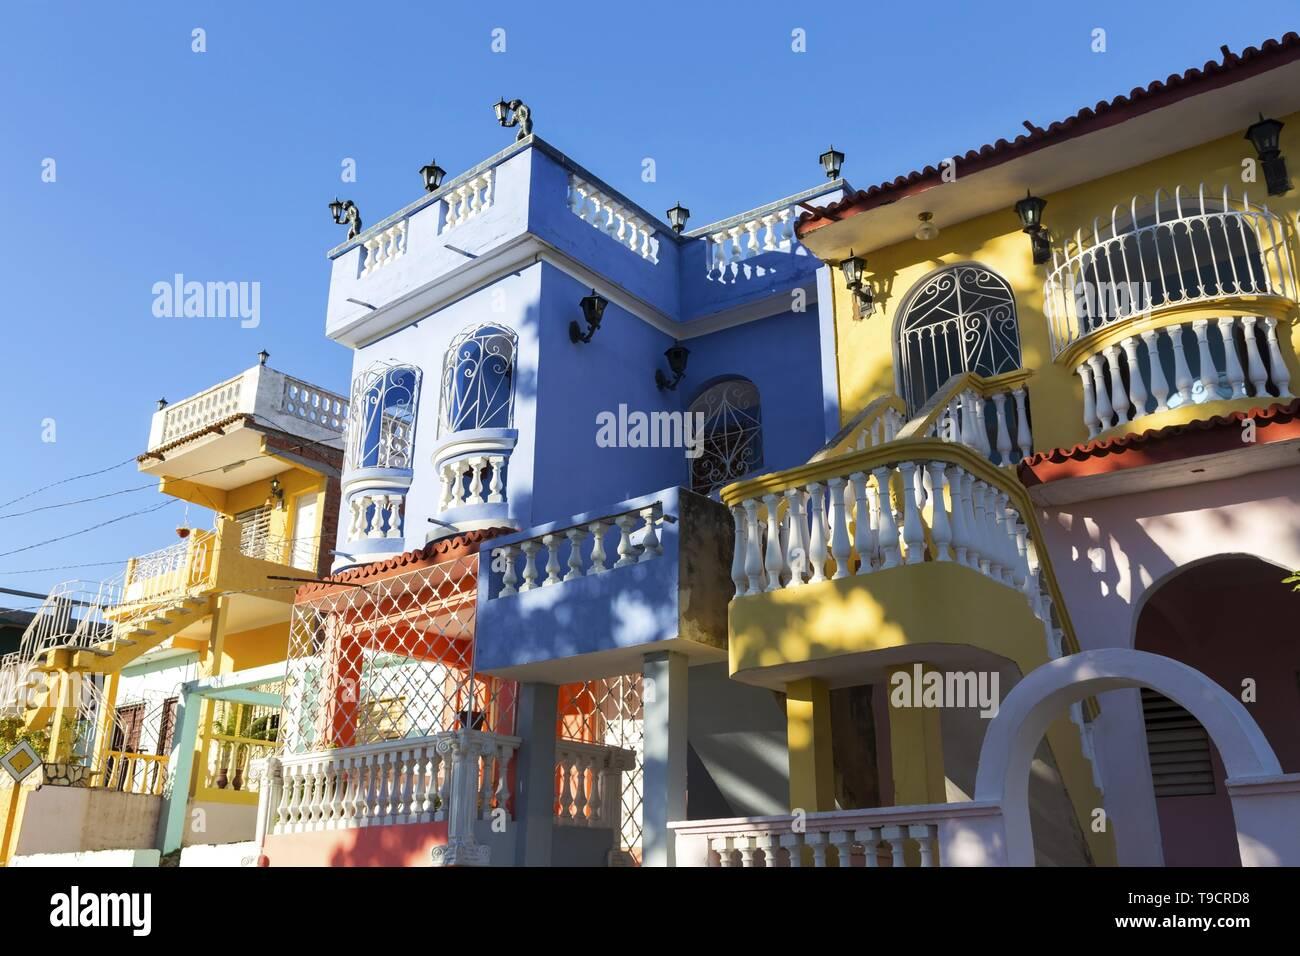 Colorido Residencial Casas Privadas Edificios Fachada de Condo Exterior en Trinidad, ciudad turística caribeña en Cuba Foto de stock